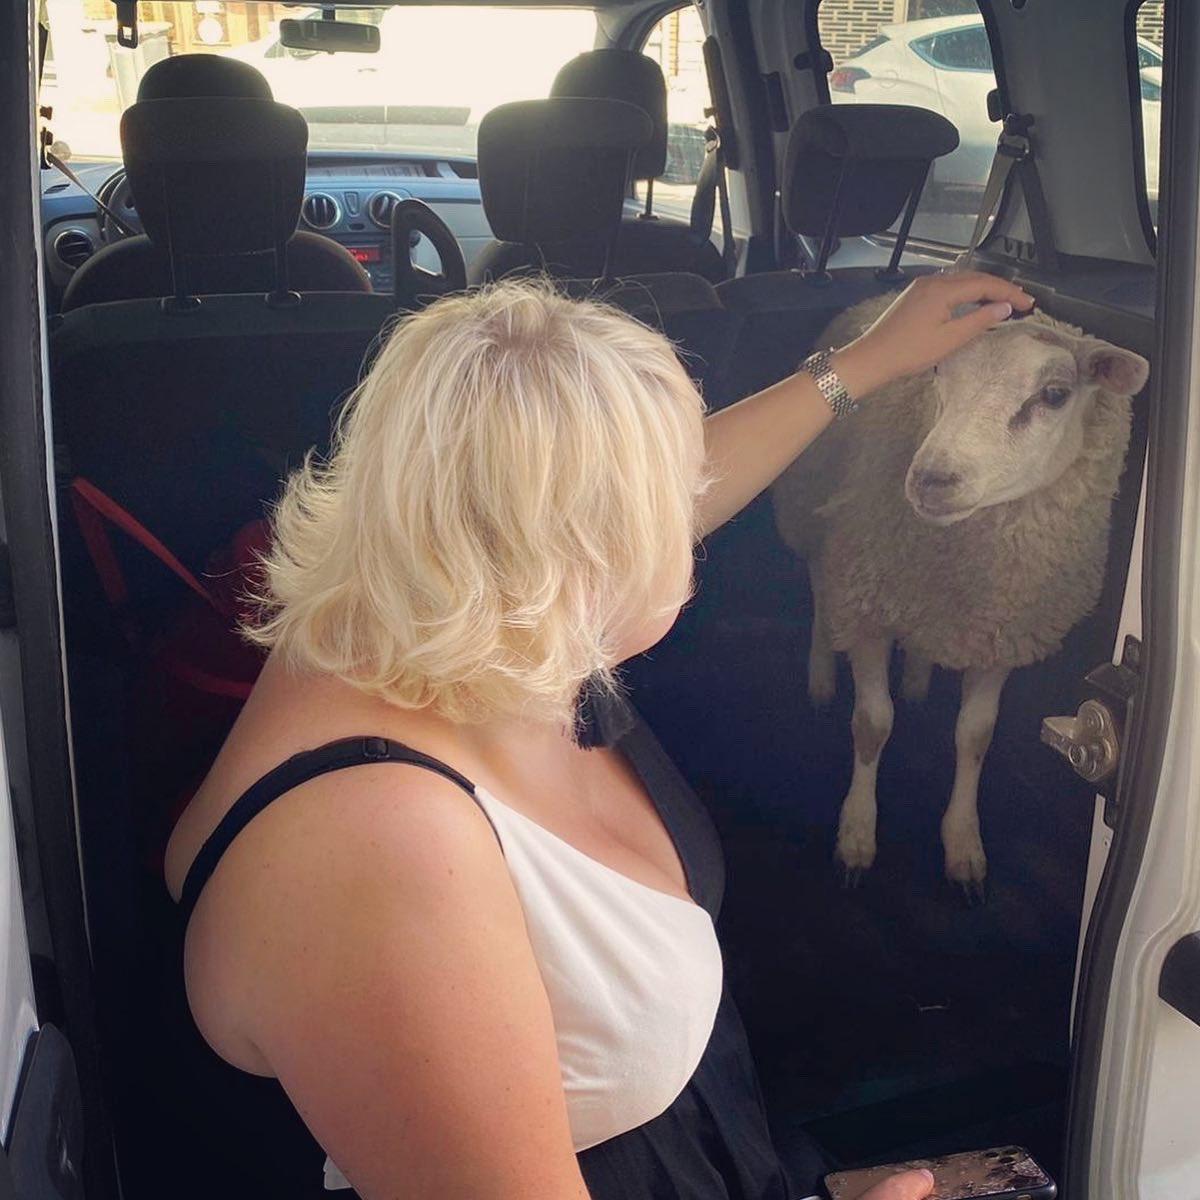 ☑️ En ce jour de «fête» de #AidElKebir, je suis fière d'avoir sauver ce mouton et pu éviter, à au moins l'un d'entre eux, de finir égorgé dans une baignoire !  Le mépris des lois des propriétaires en dit long sur leur respect de la France et de ses valeurs https://t.co/bBOKGNU2xl